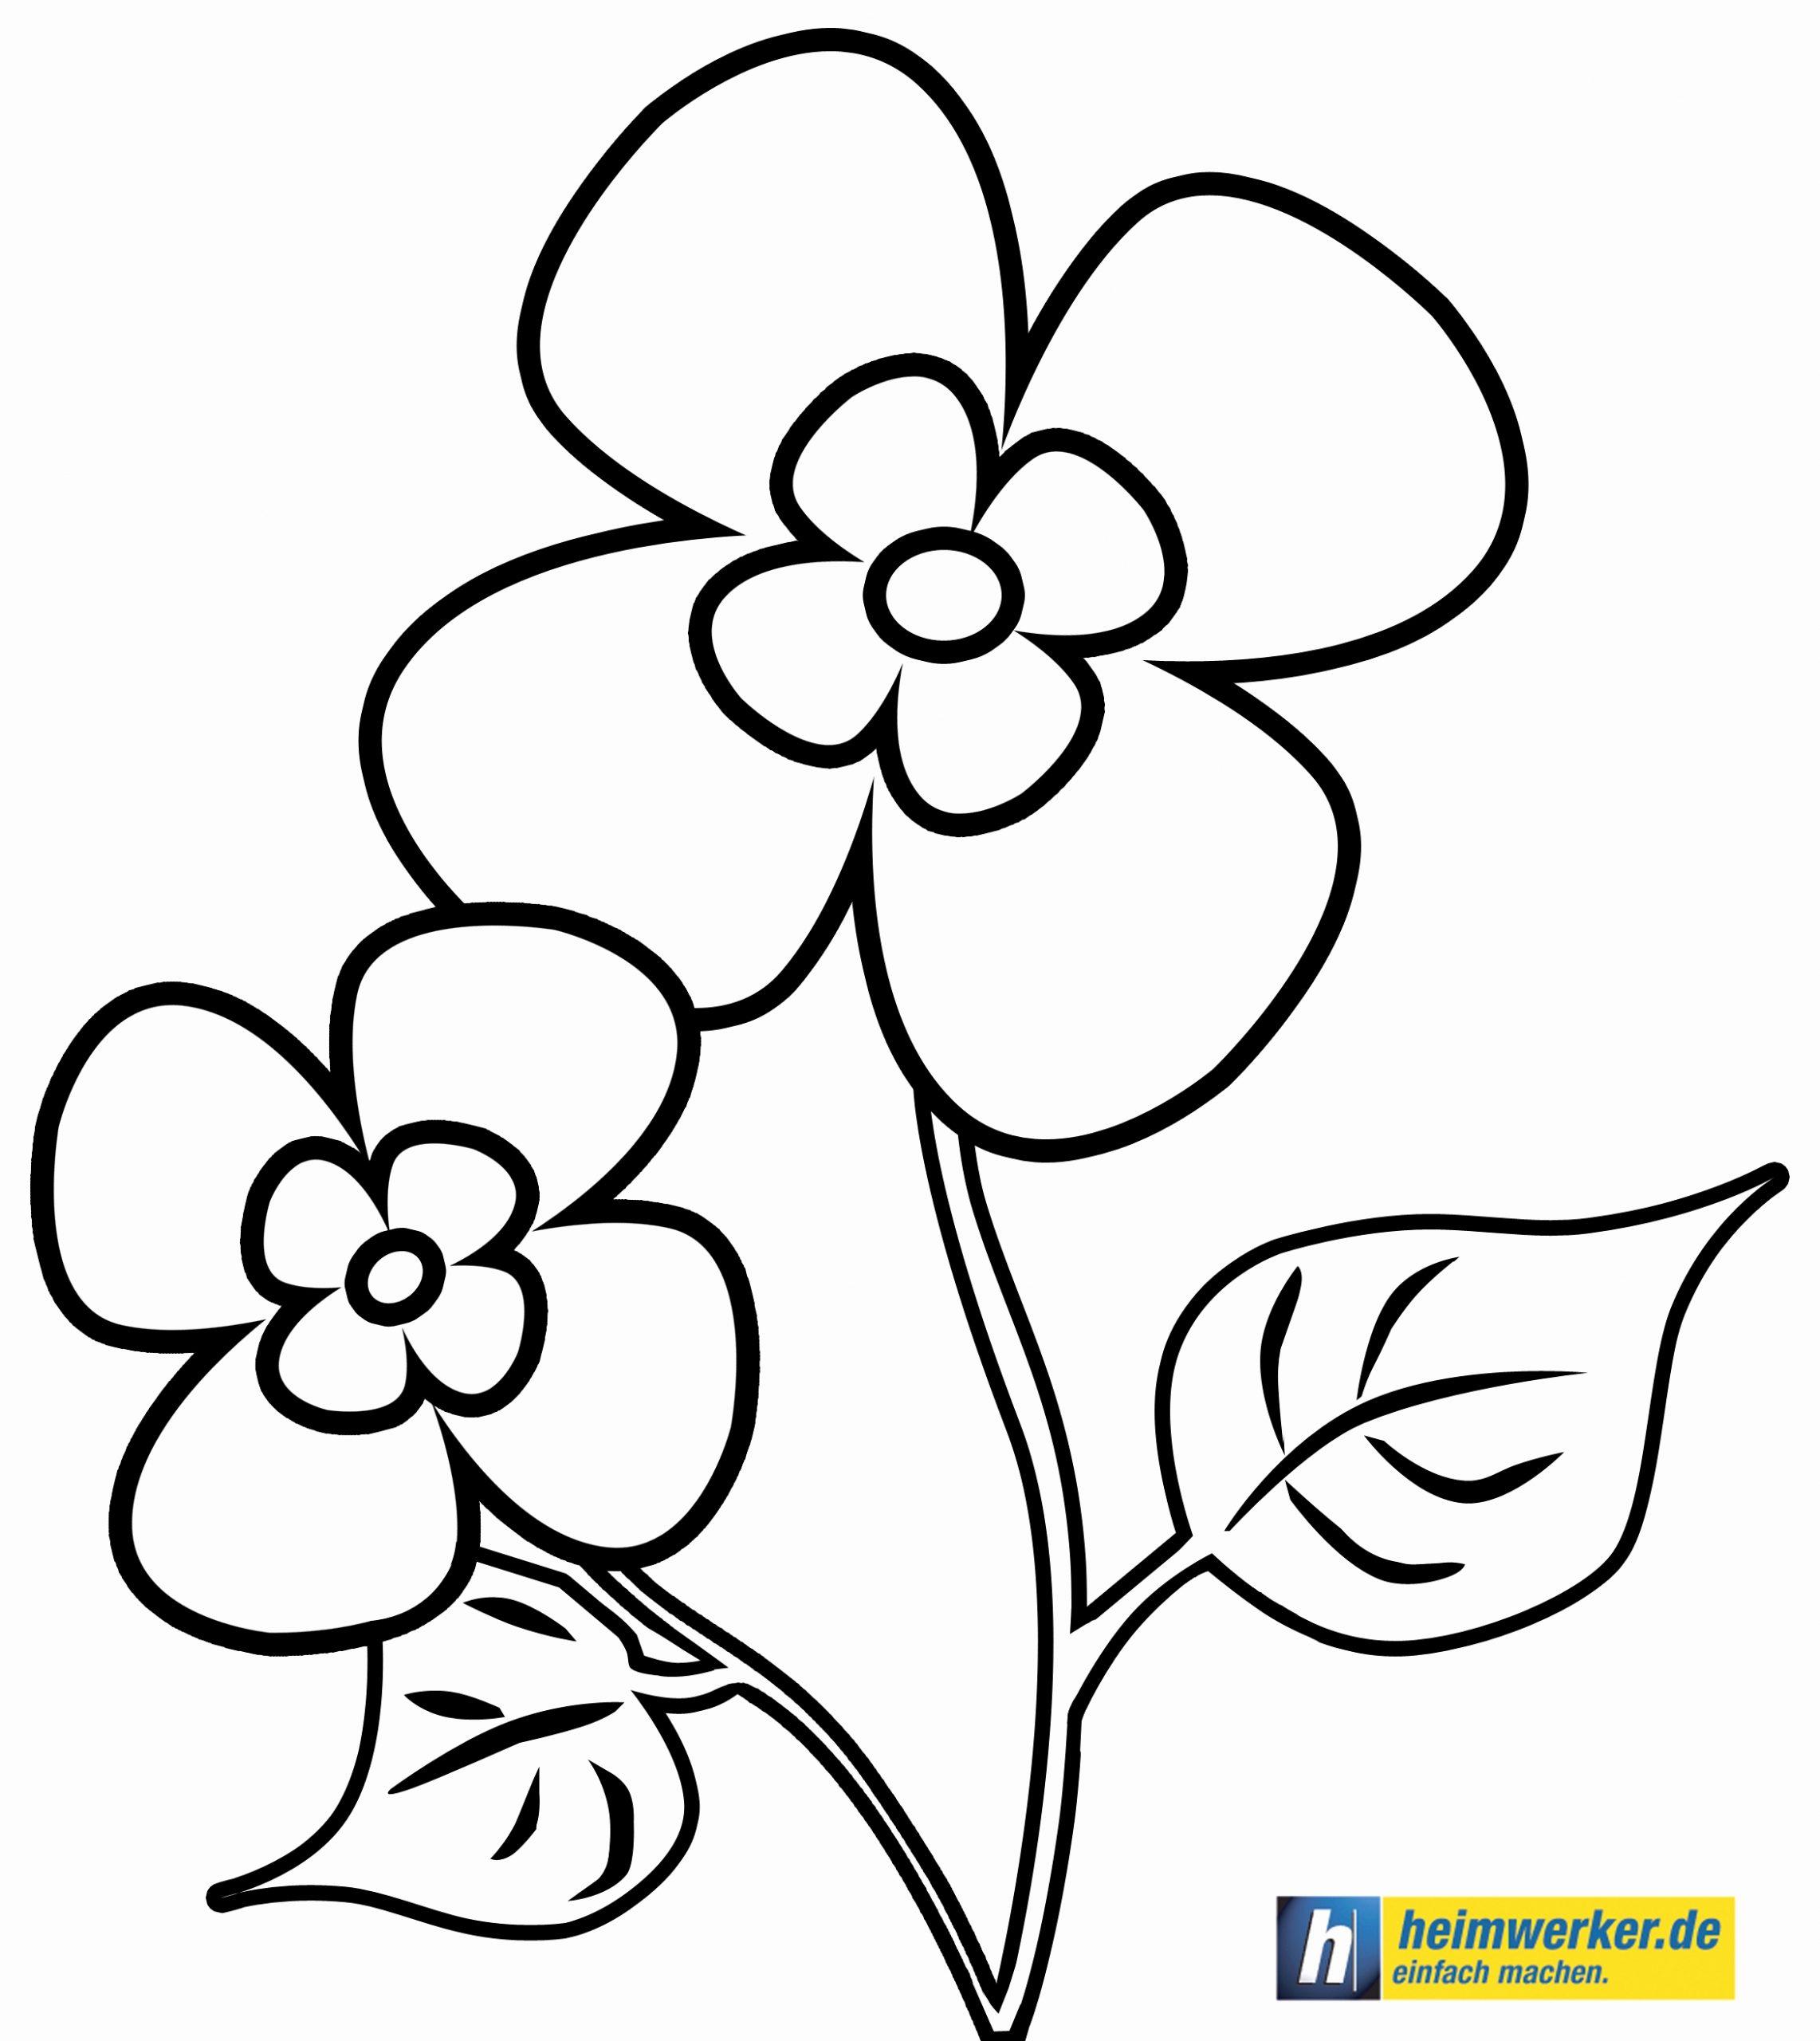 Ausmalbilder Blumen Kostenlos Einzigartig Blumenbilder Zum über Blumenbilder Zum Ausdrucken